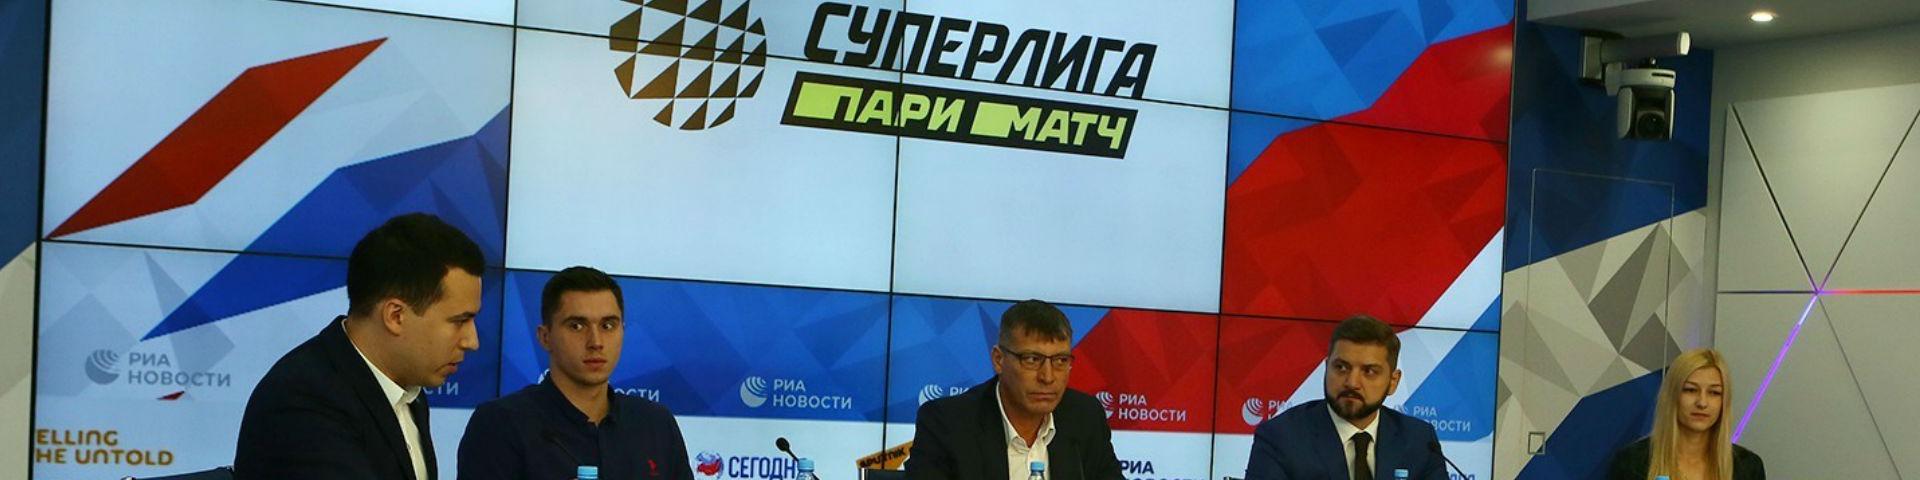 БК «Париматч» стала спонсором Всероссийской федерации волейбола